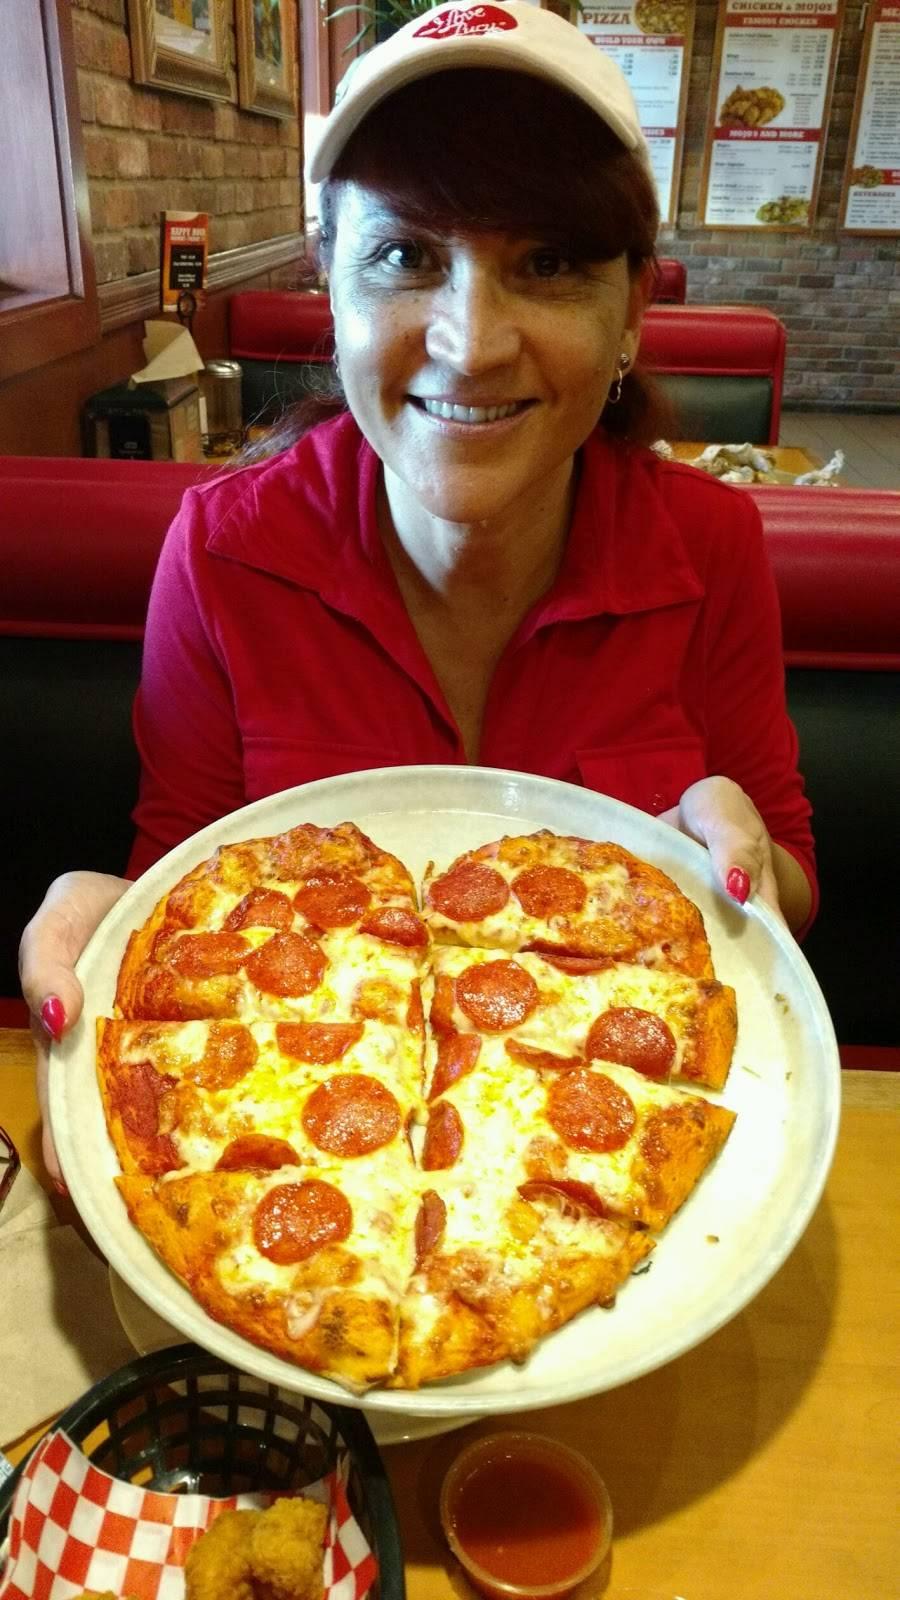 Shakeys Pizza Parlor | restaurant | 1880 N Hacienda Blvd, La Puente, CA 91744, USA | 6269187471 OR +1 626-918-7471